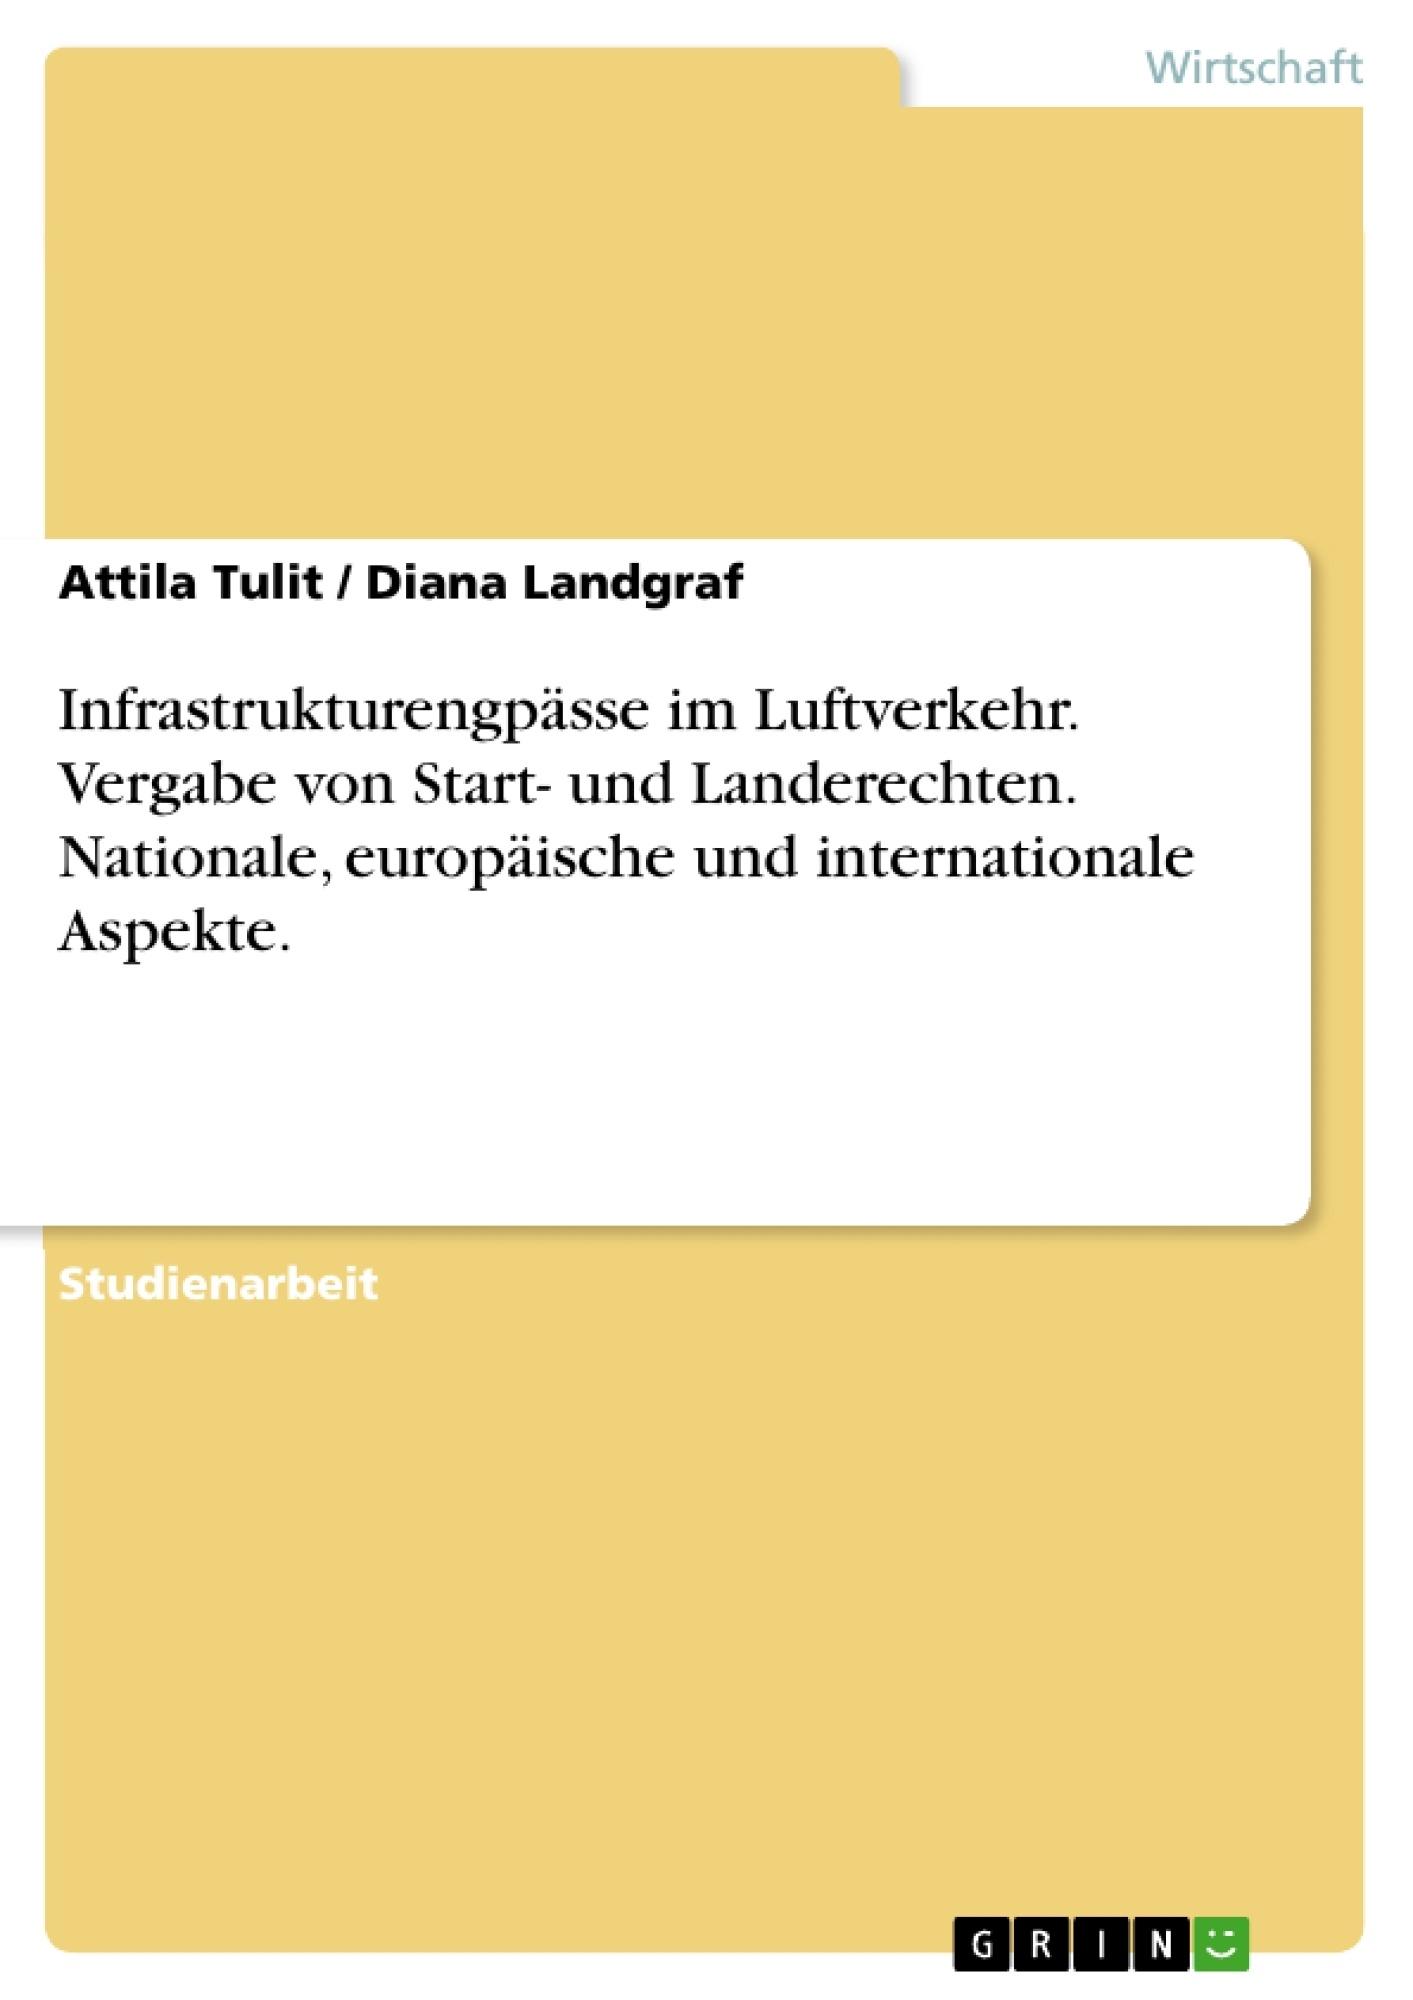 Titel: Infrastrukturengpässe im Luftverkehr. Vergabe von Start- und Landerechten. Nationale, europäische und internationale Aspekte.